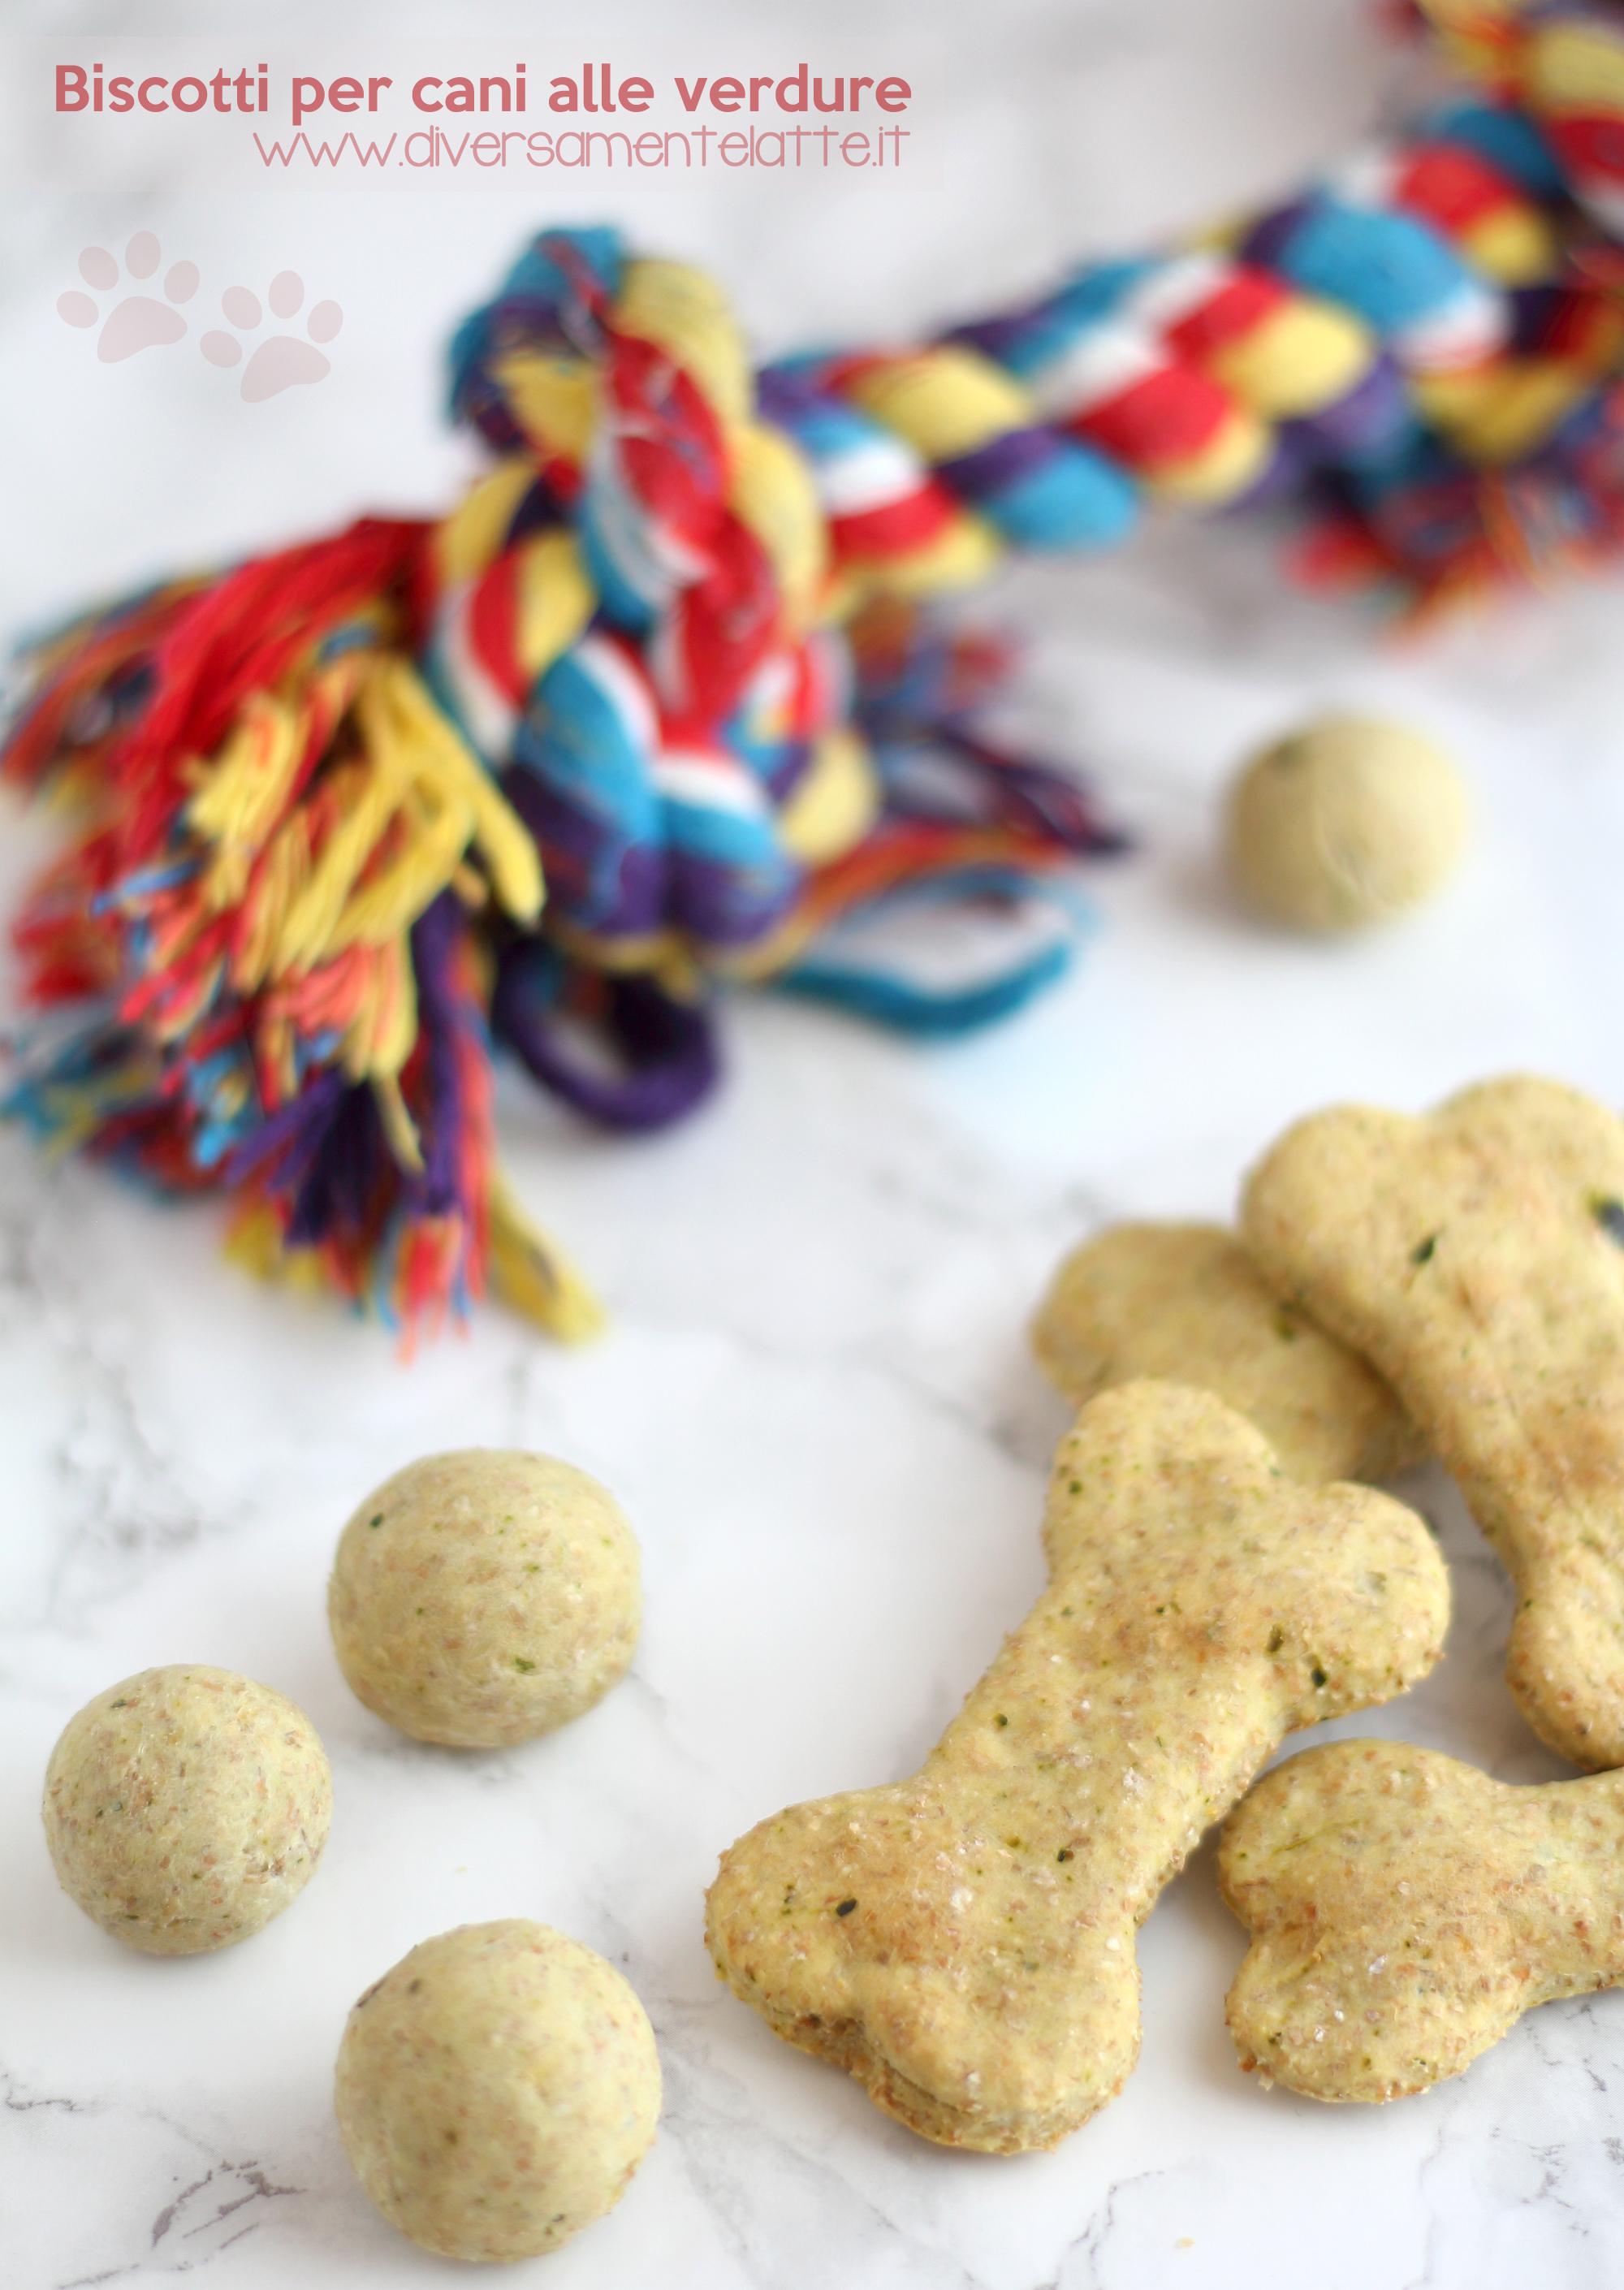 biscotti cani alle verdure